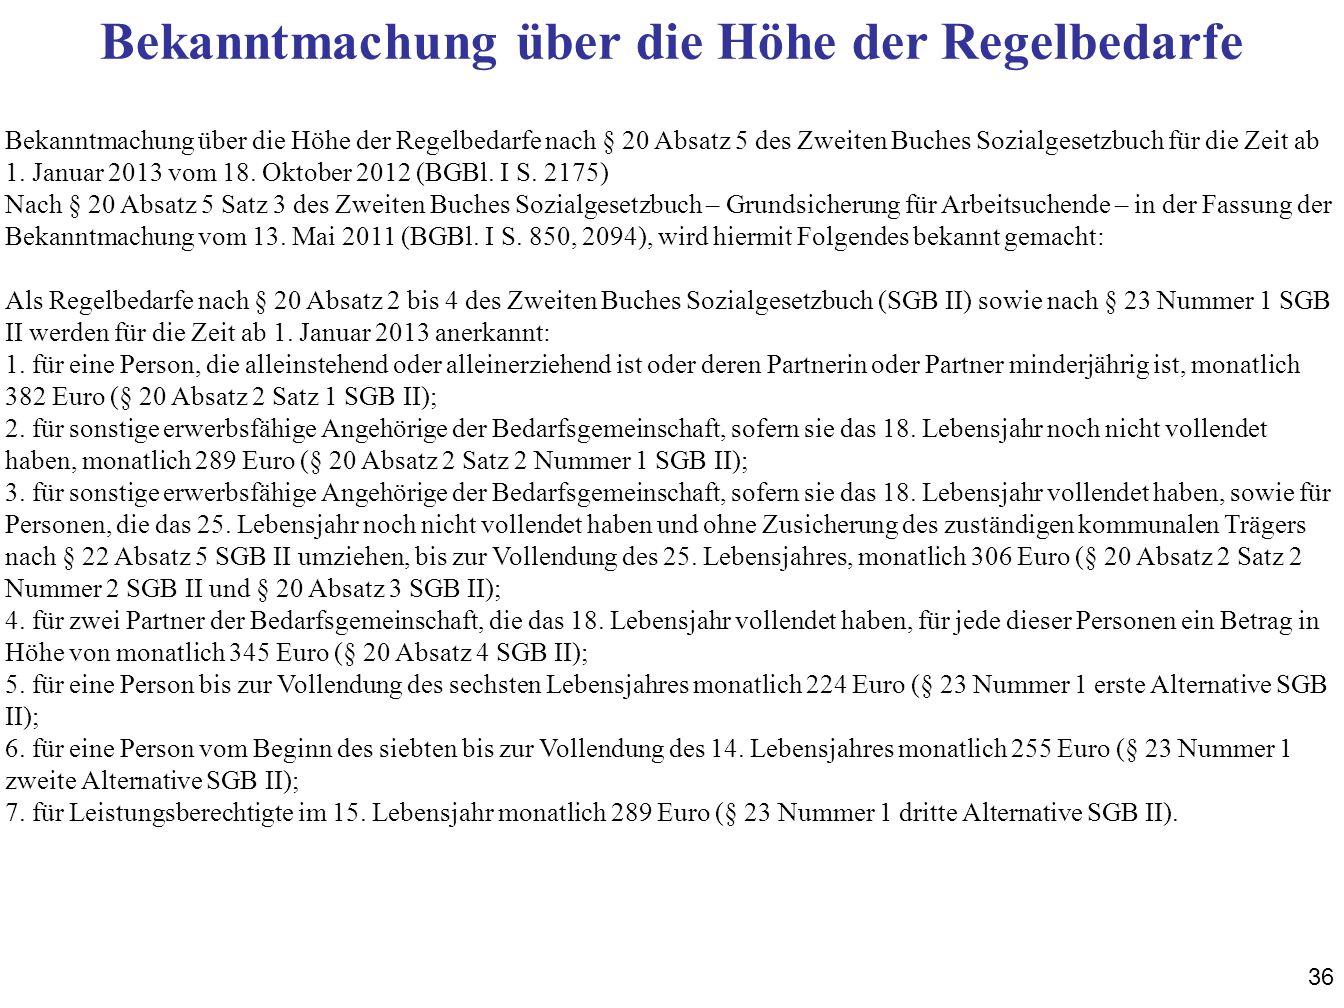 36 Bekanntmachung über die Höhe der Regelbedarfe nach § 20 Absatz 5 des Zweiten Buches Sozialgesetzbuch für die Zeit ab 1.